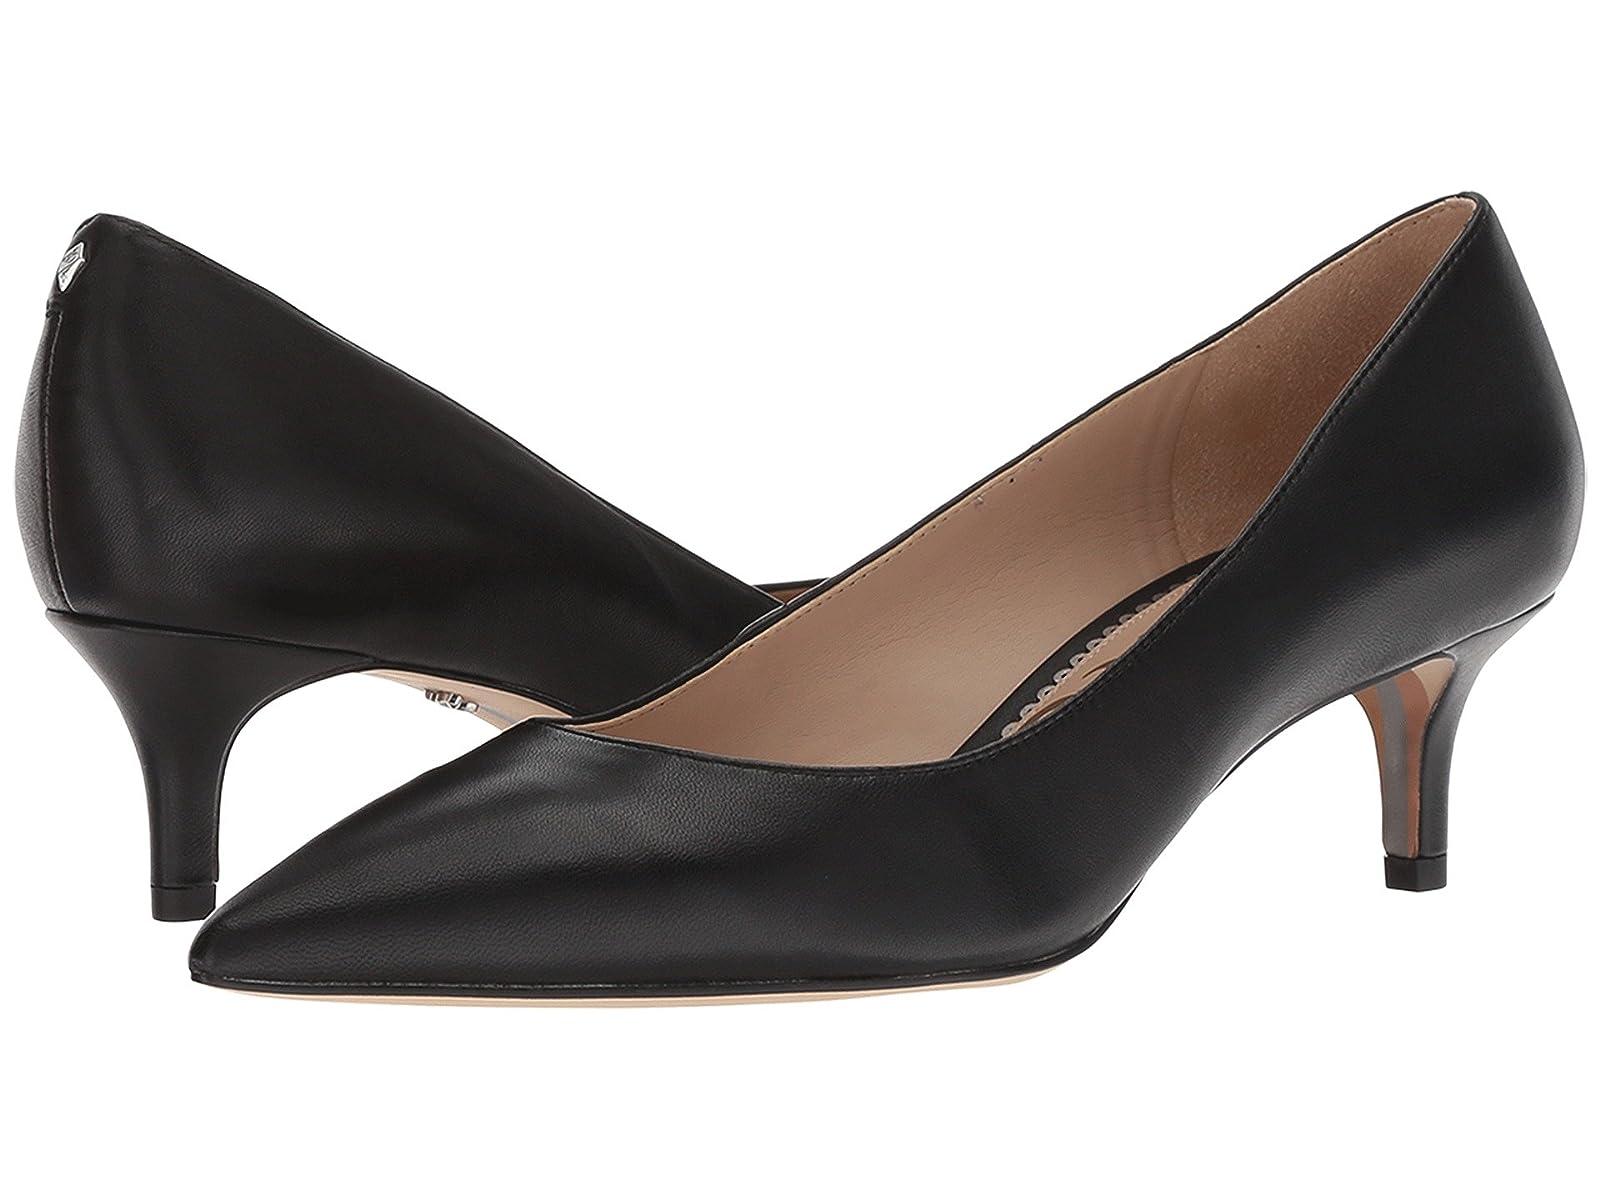 Sam Edelman DoriAtmospheric grades have affordable shoes